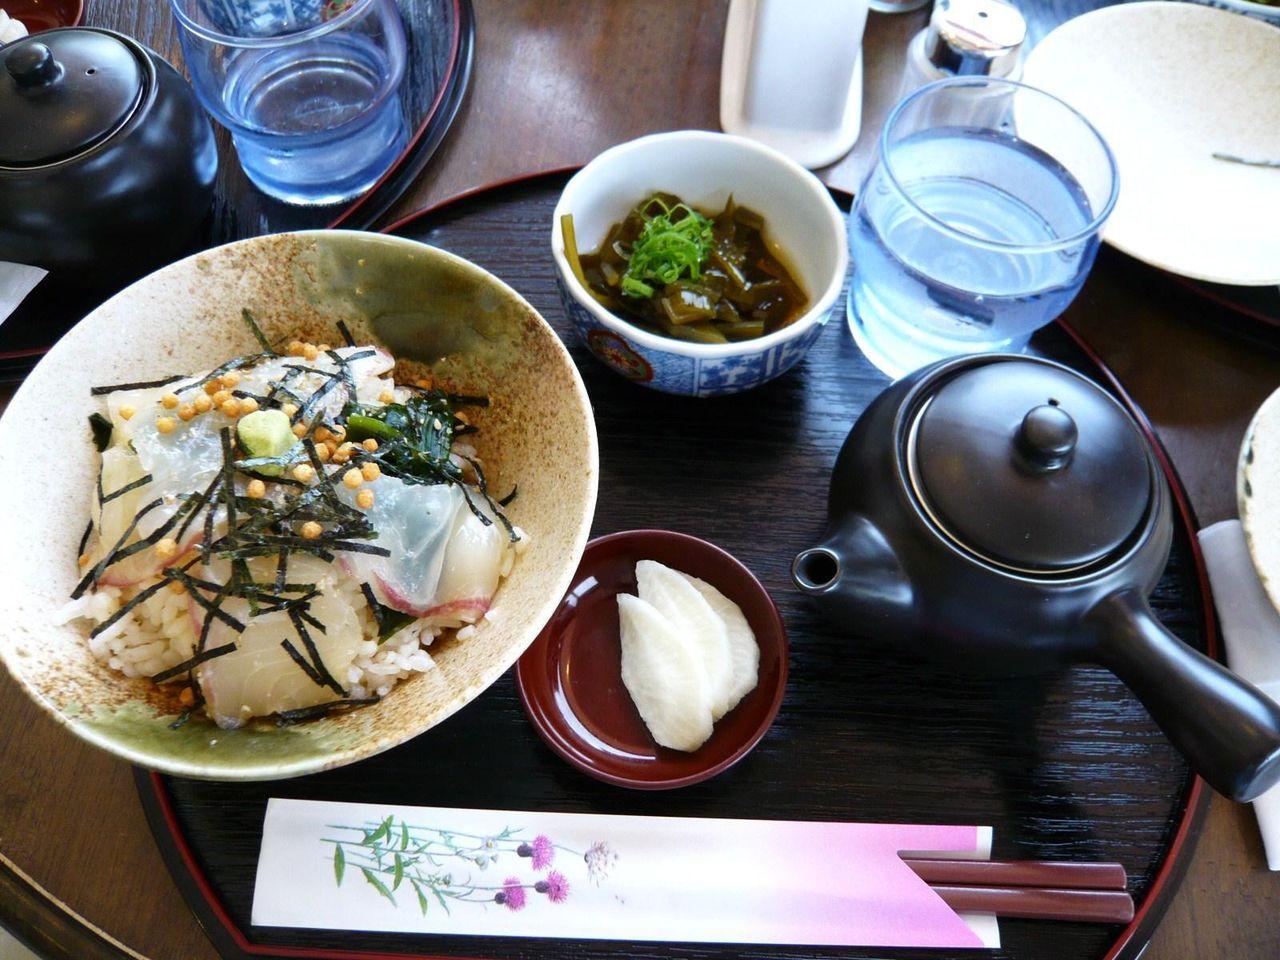 テレビで紹介された、喫茶潮風の鯛茶漬け1,000円